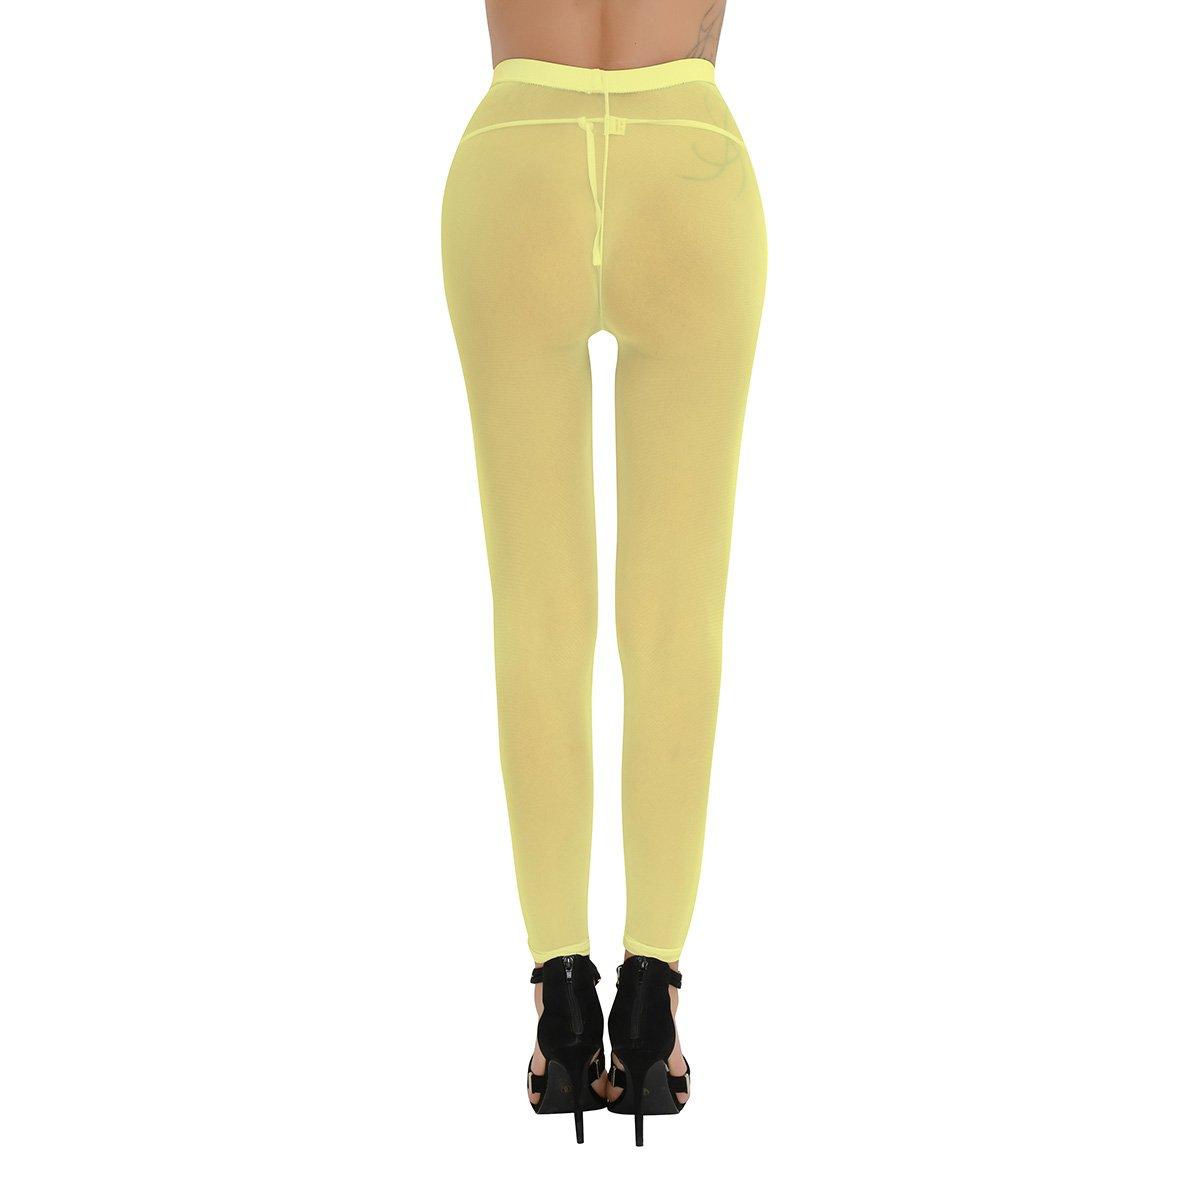 YiZYiF Women's Semi Opaque Sheer Leggings Footless Pantyhose Tights Yellow